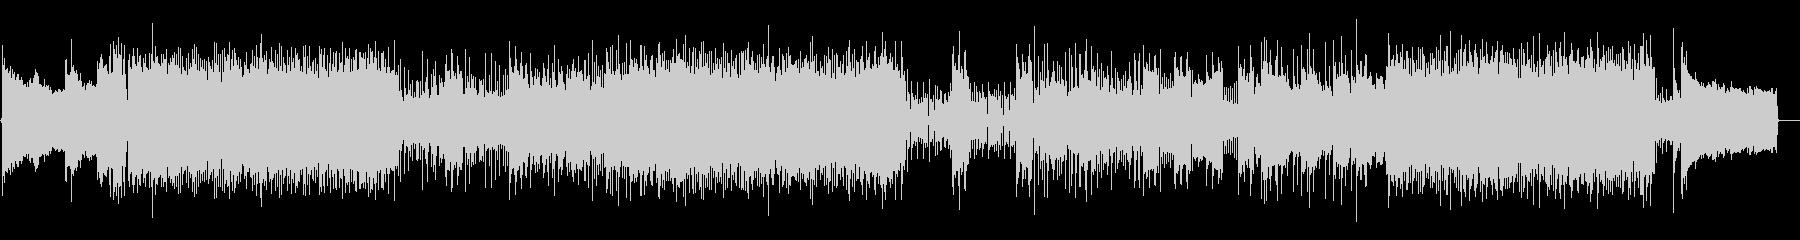 Duelist バンドサウンド版の未再生の波形